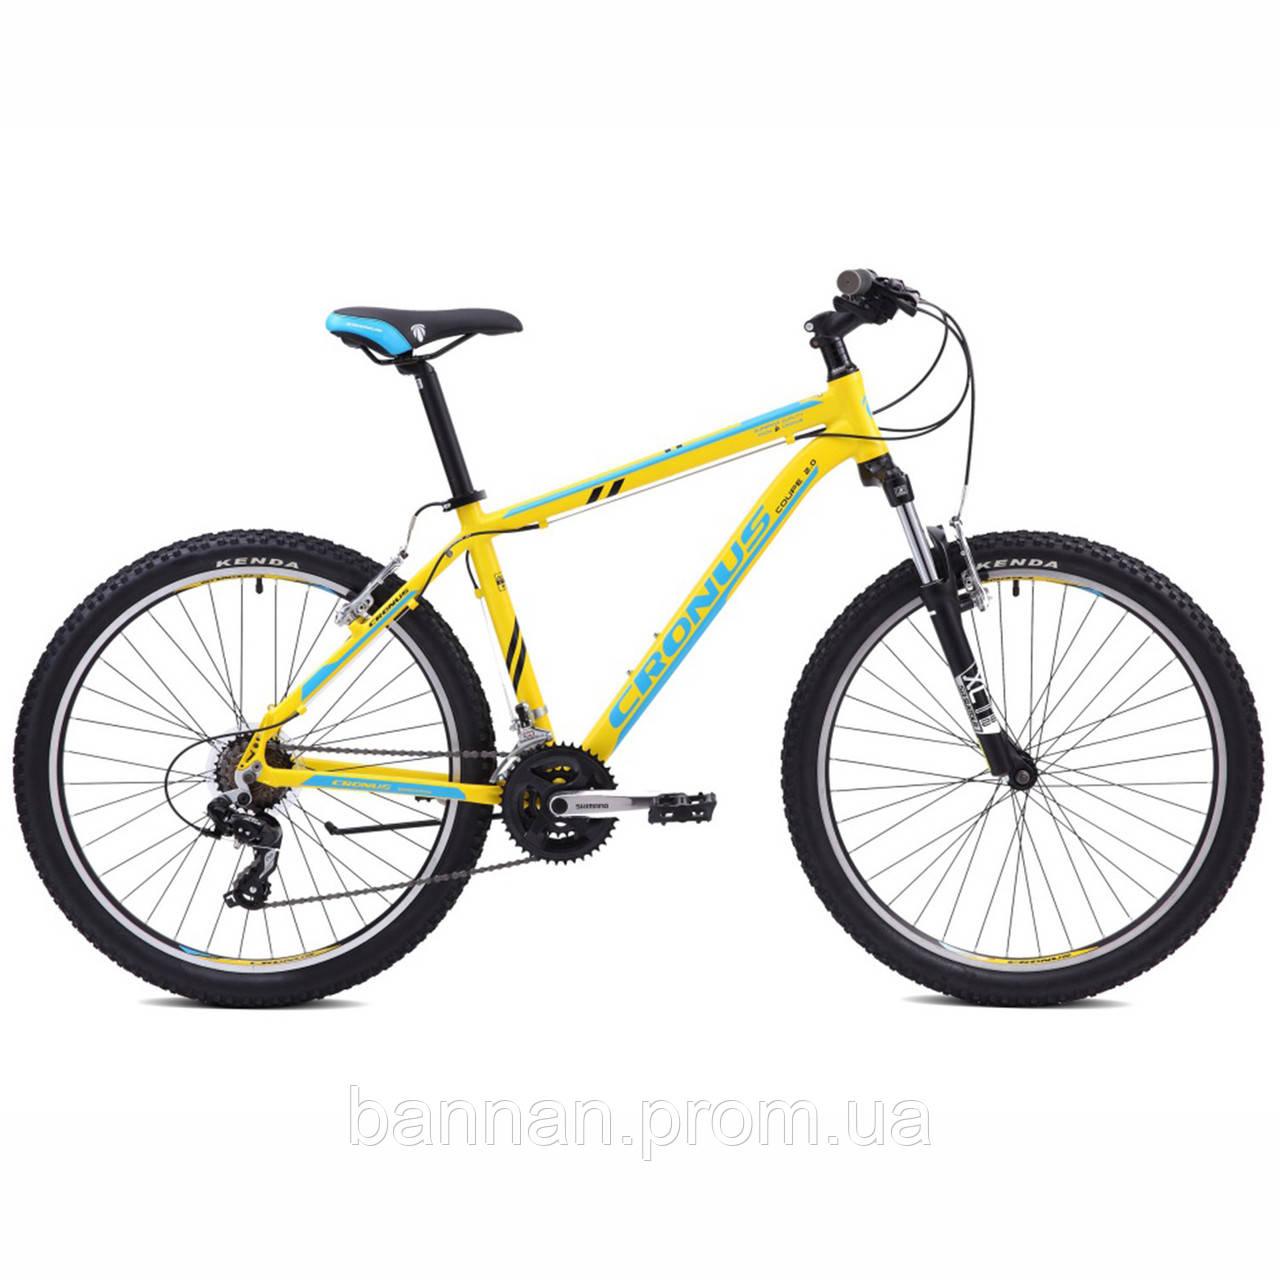 Велосипед Cronus Coupe 0.5